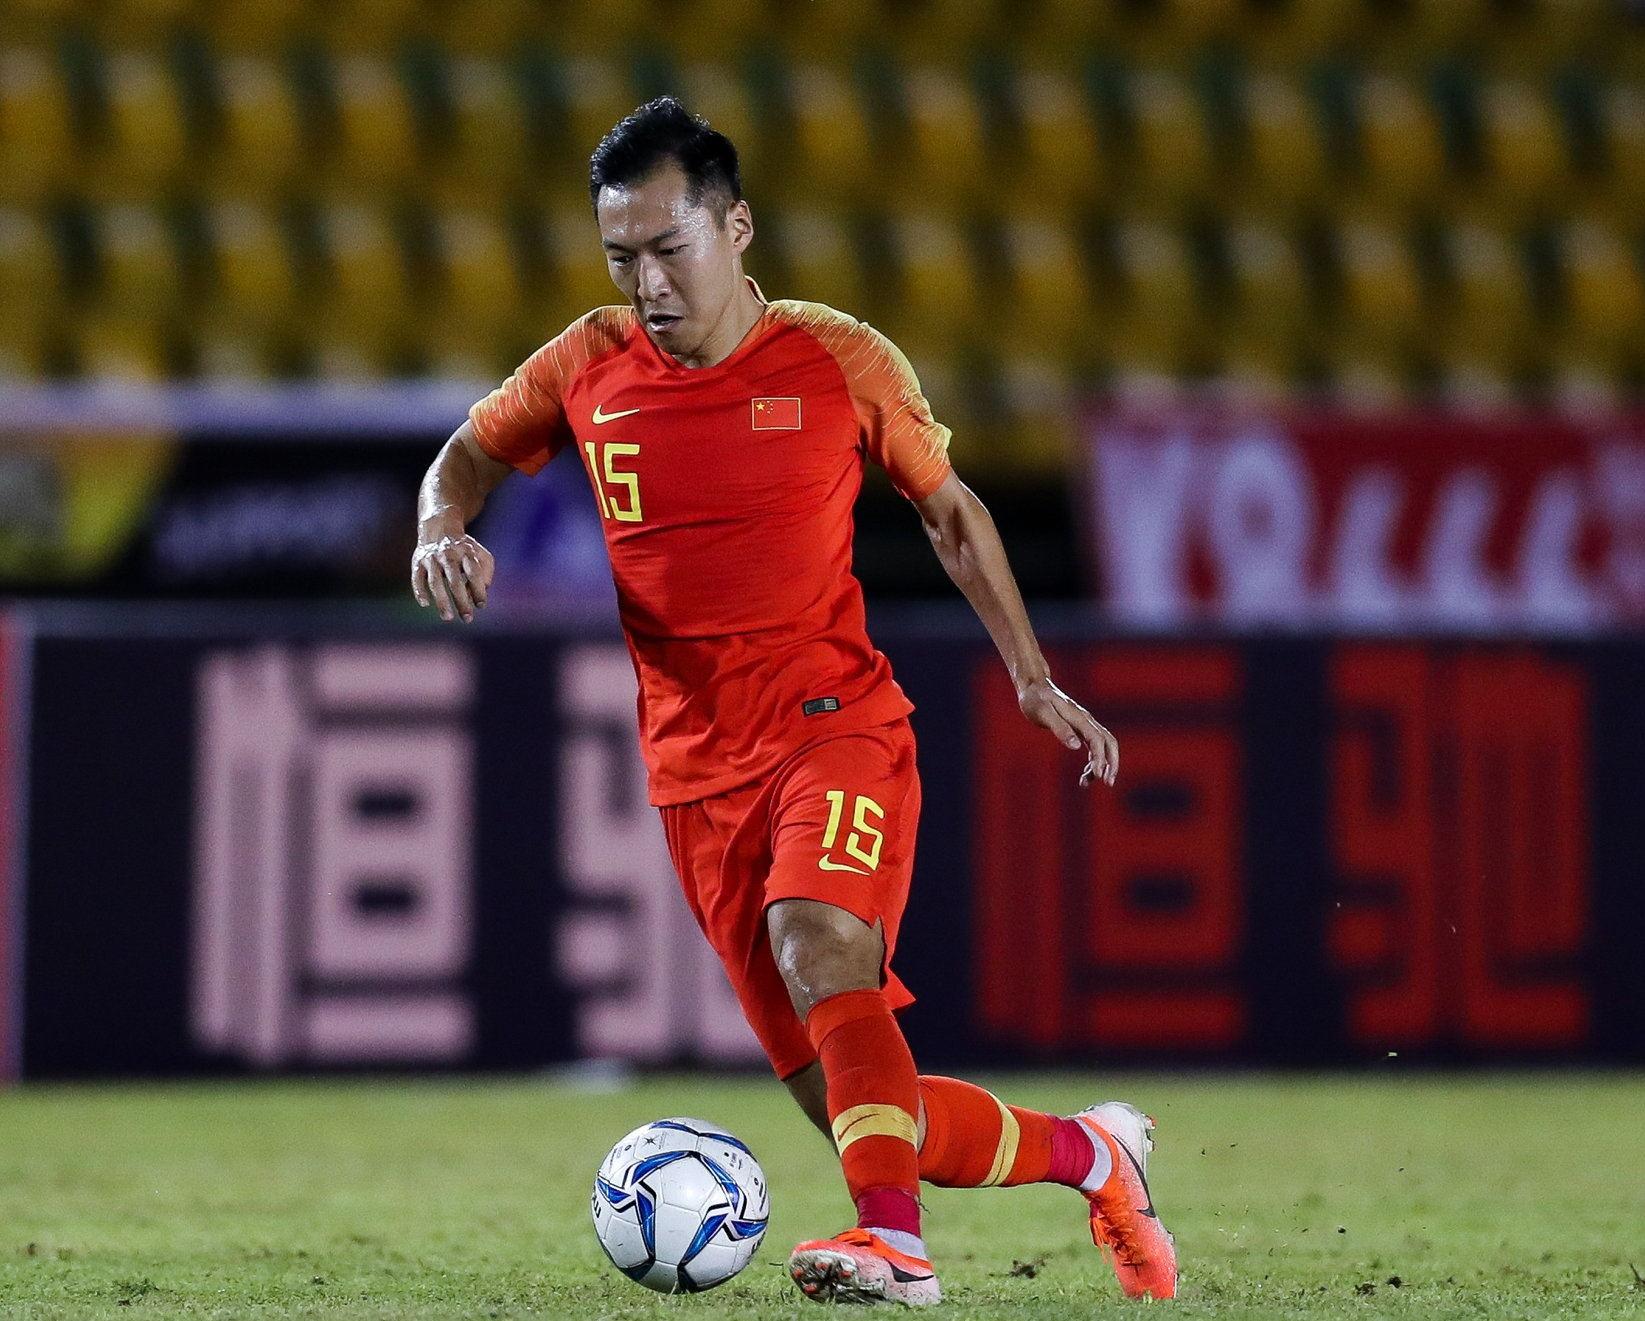 吴曦:作为国足队长要尽责,会主动与入籍球员恶作剧拉近距离   